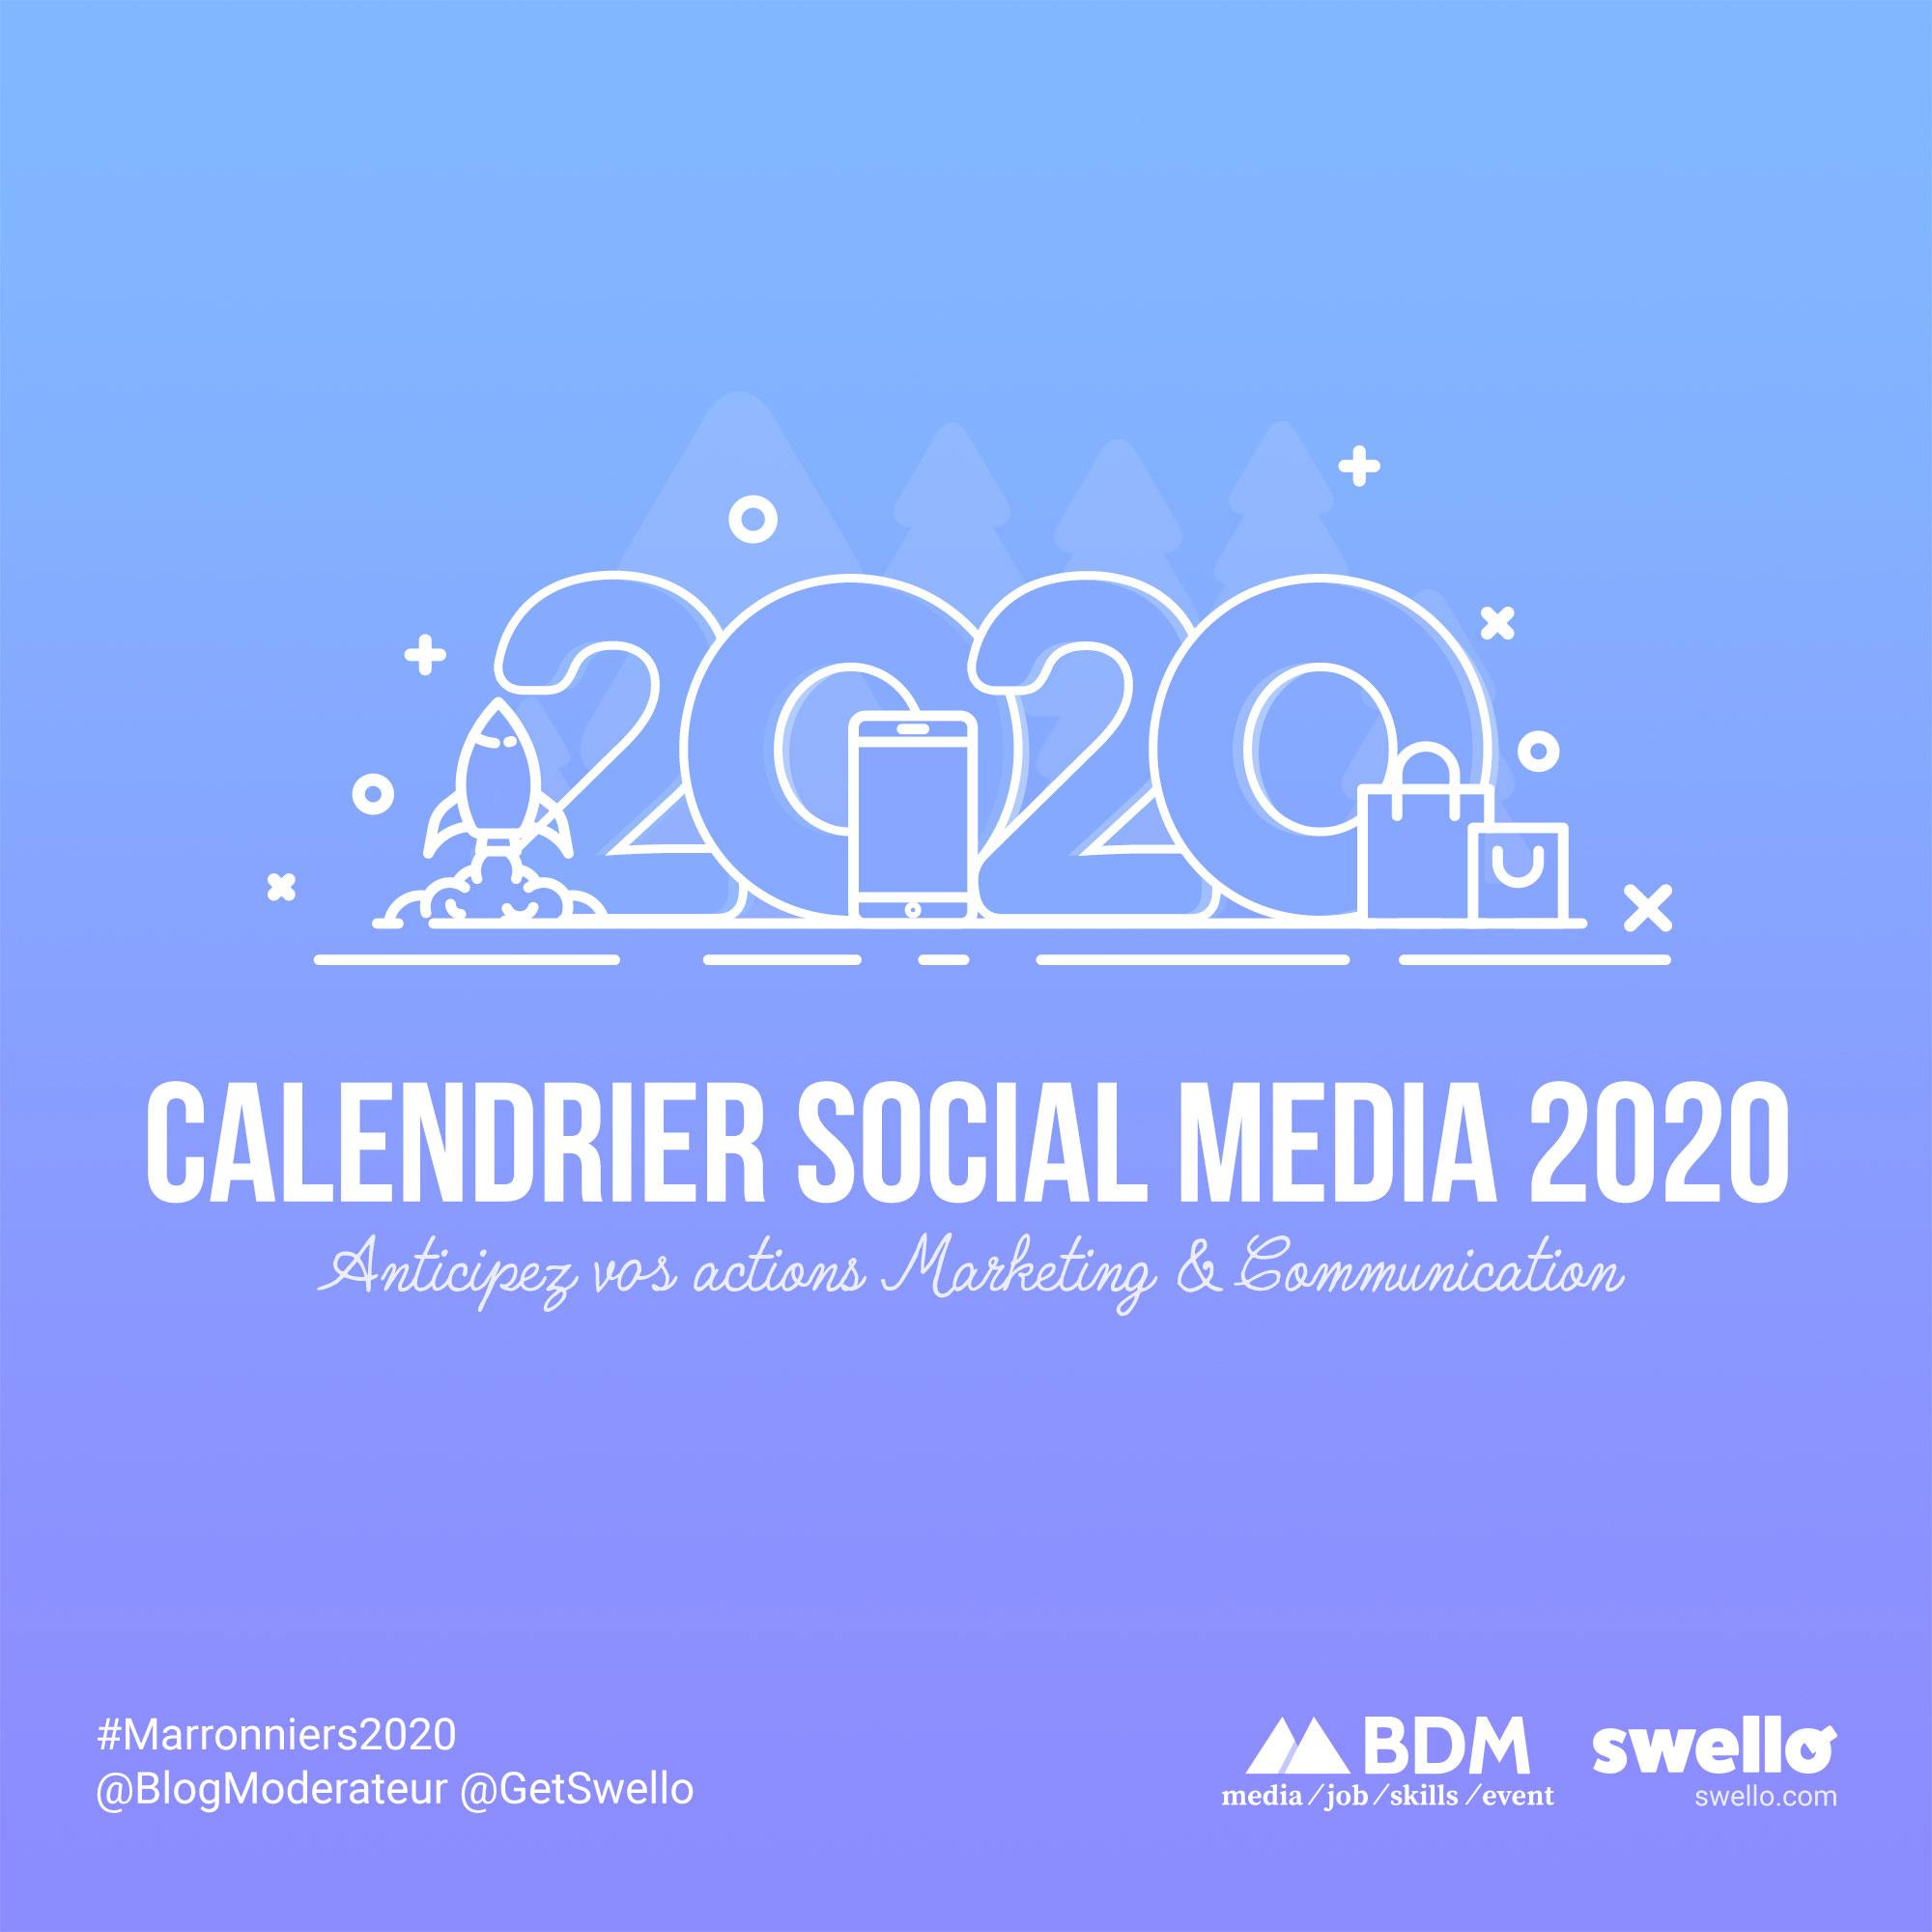 Calendrier Des Journées Mondiales 2021 Calendrier marketing 2020 : la liste de tous les événements de l